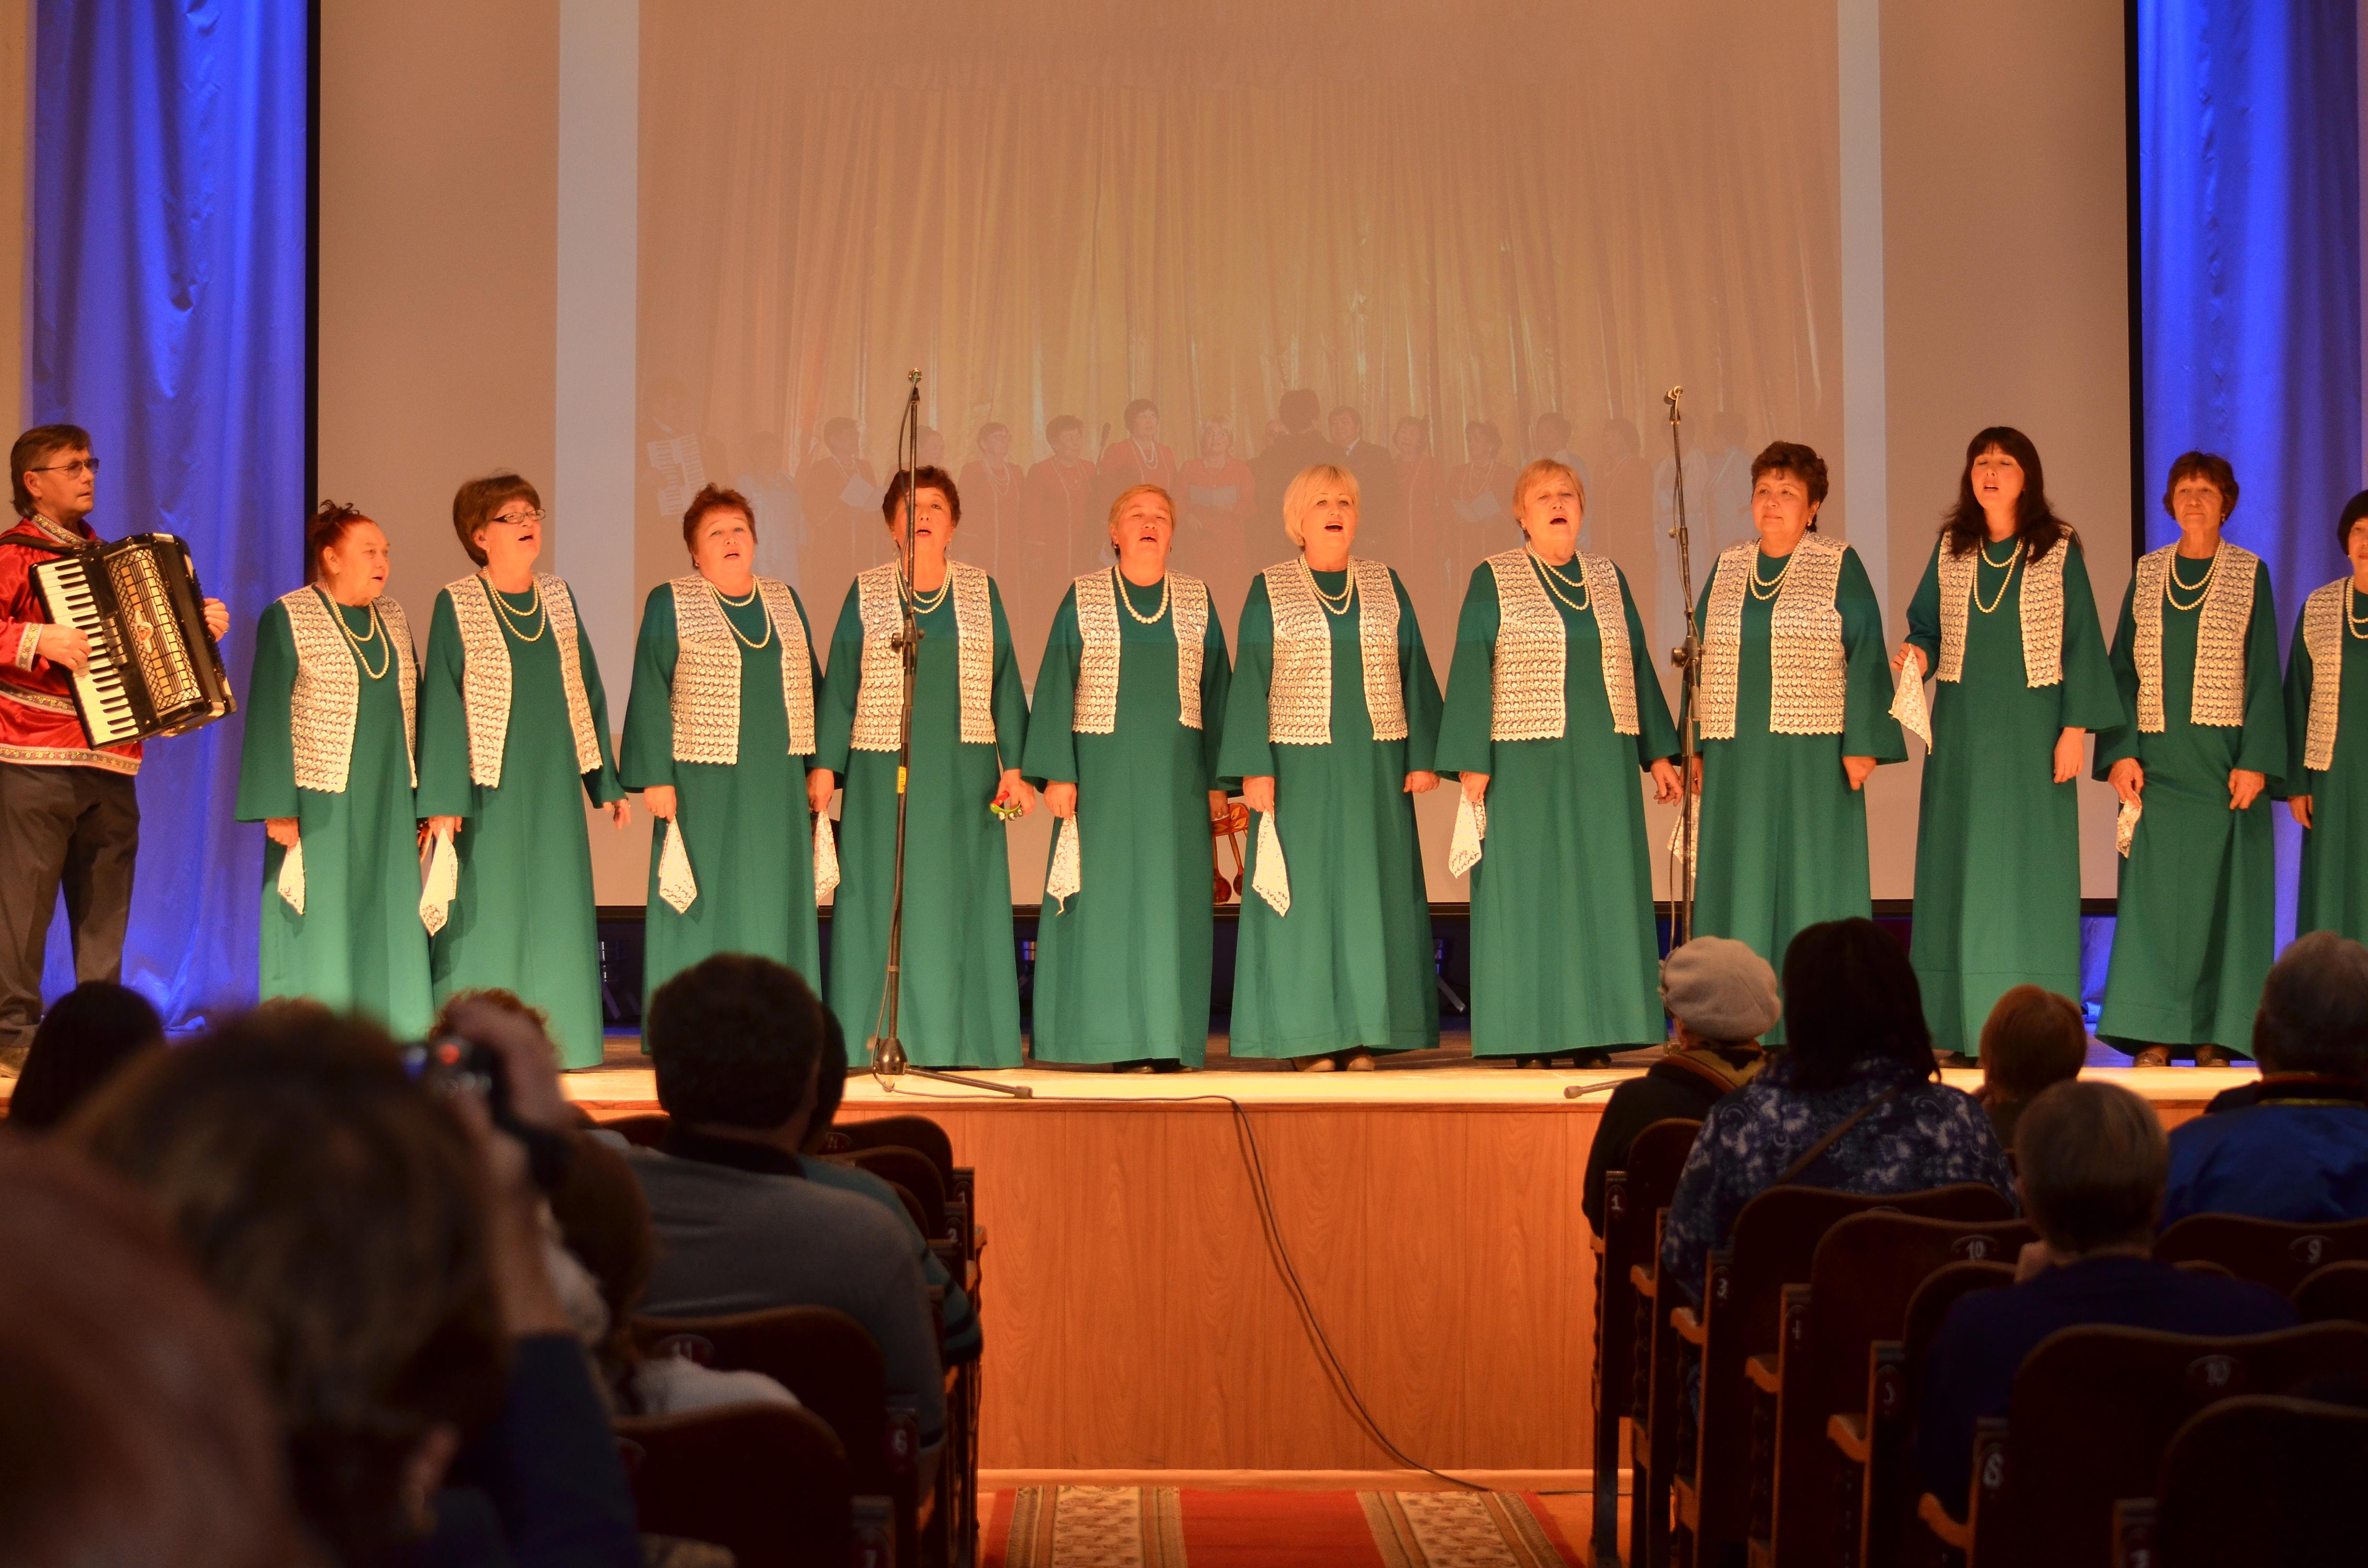 I - конкурс вокально-хоровых коллективов  пенсионеров Республики Бурятия